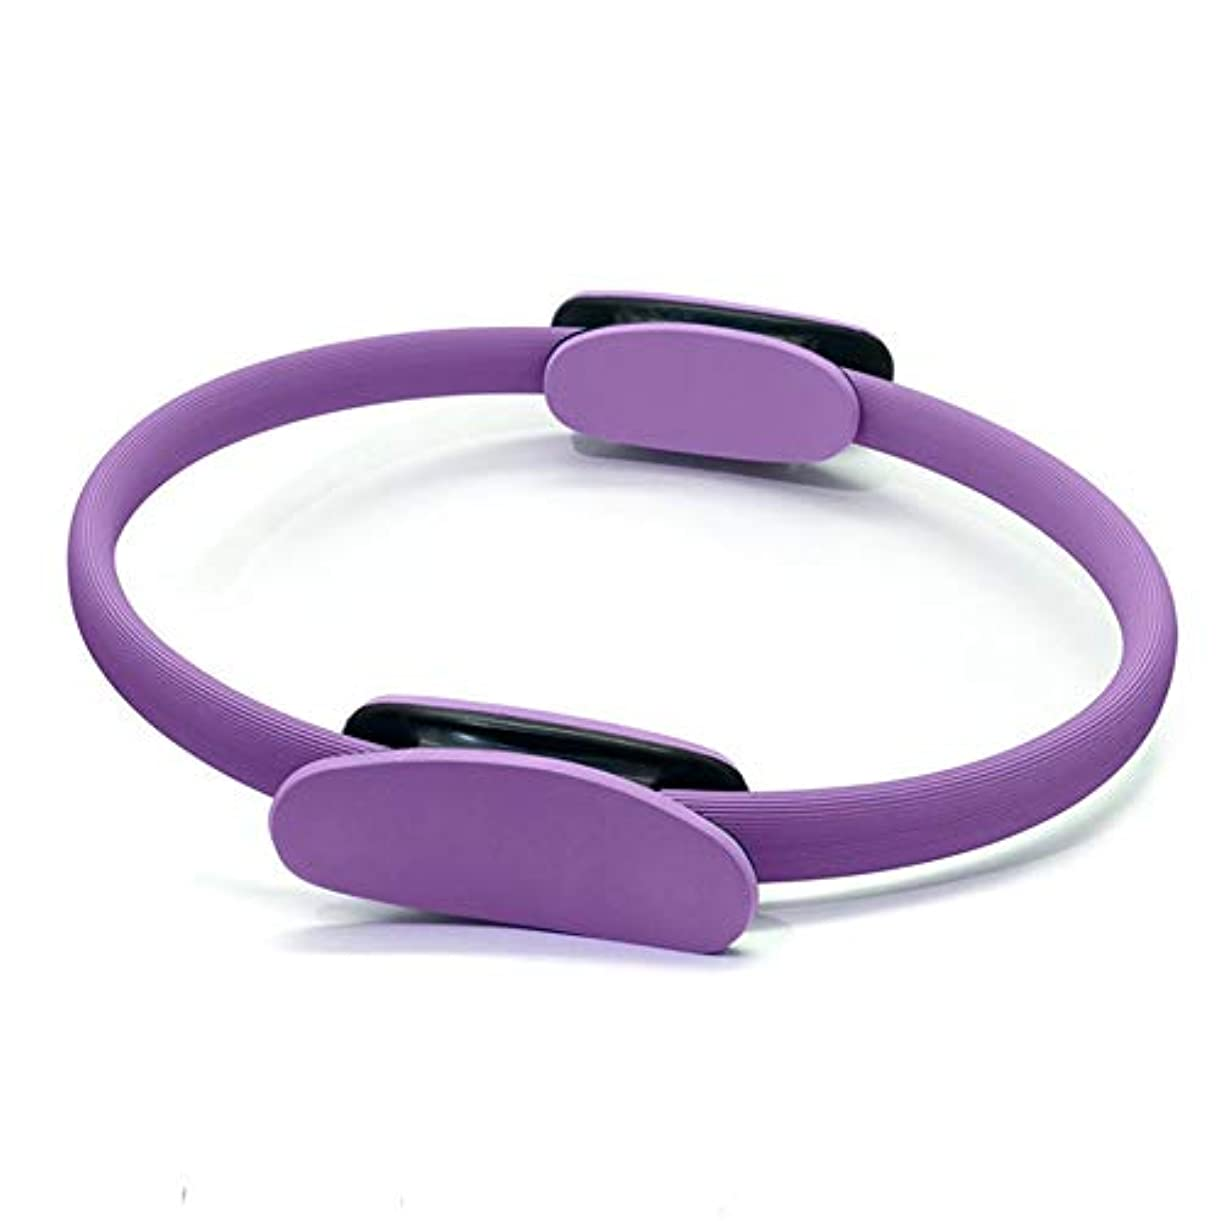 ジャングルガジュマルコールドポータブルサイズ38センチヨガレジスタンスリング軽量痩身マジックサークル太もも抵抗レジスタンスヨガリングトレーニングツール(Color:purple)